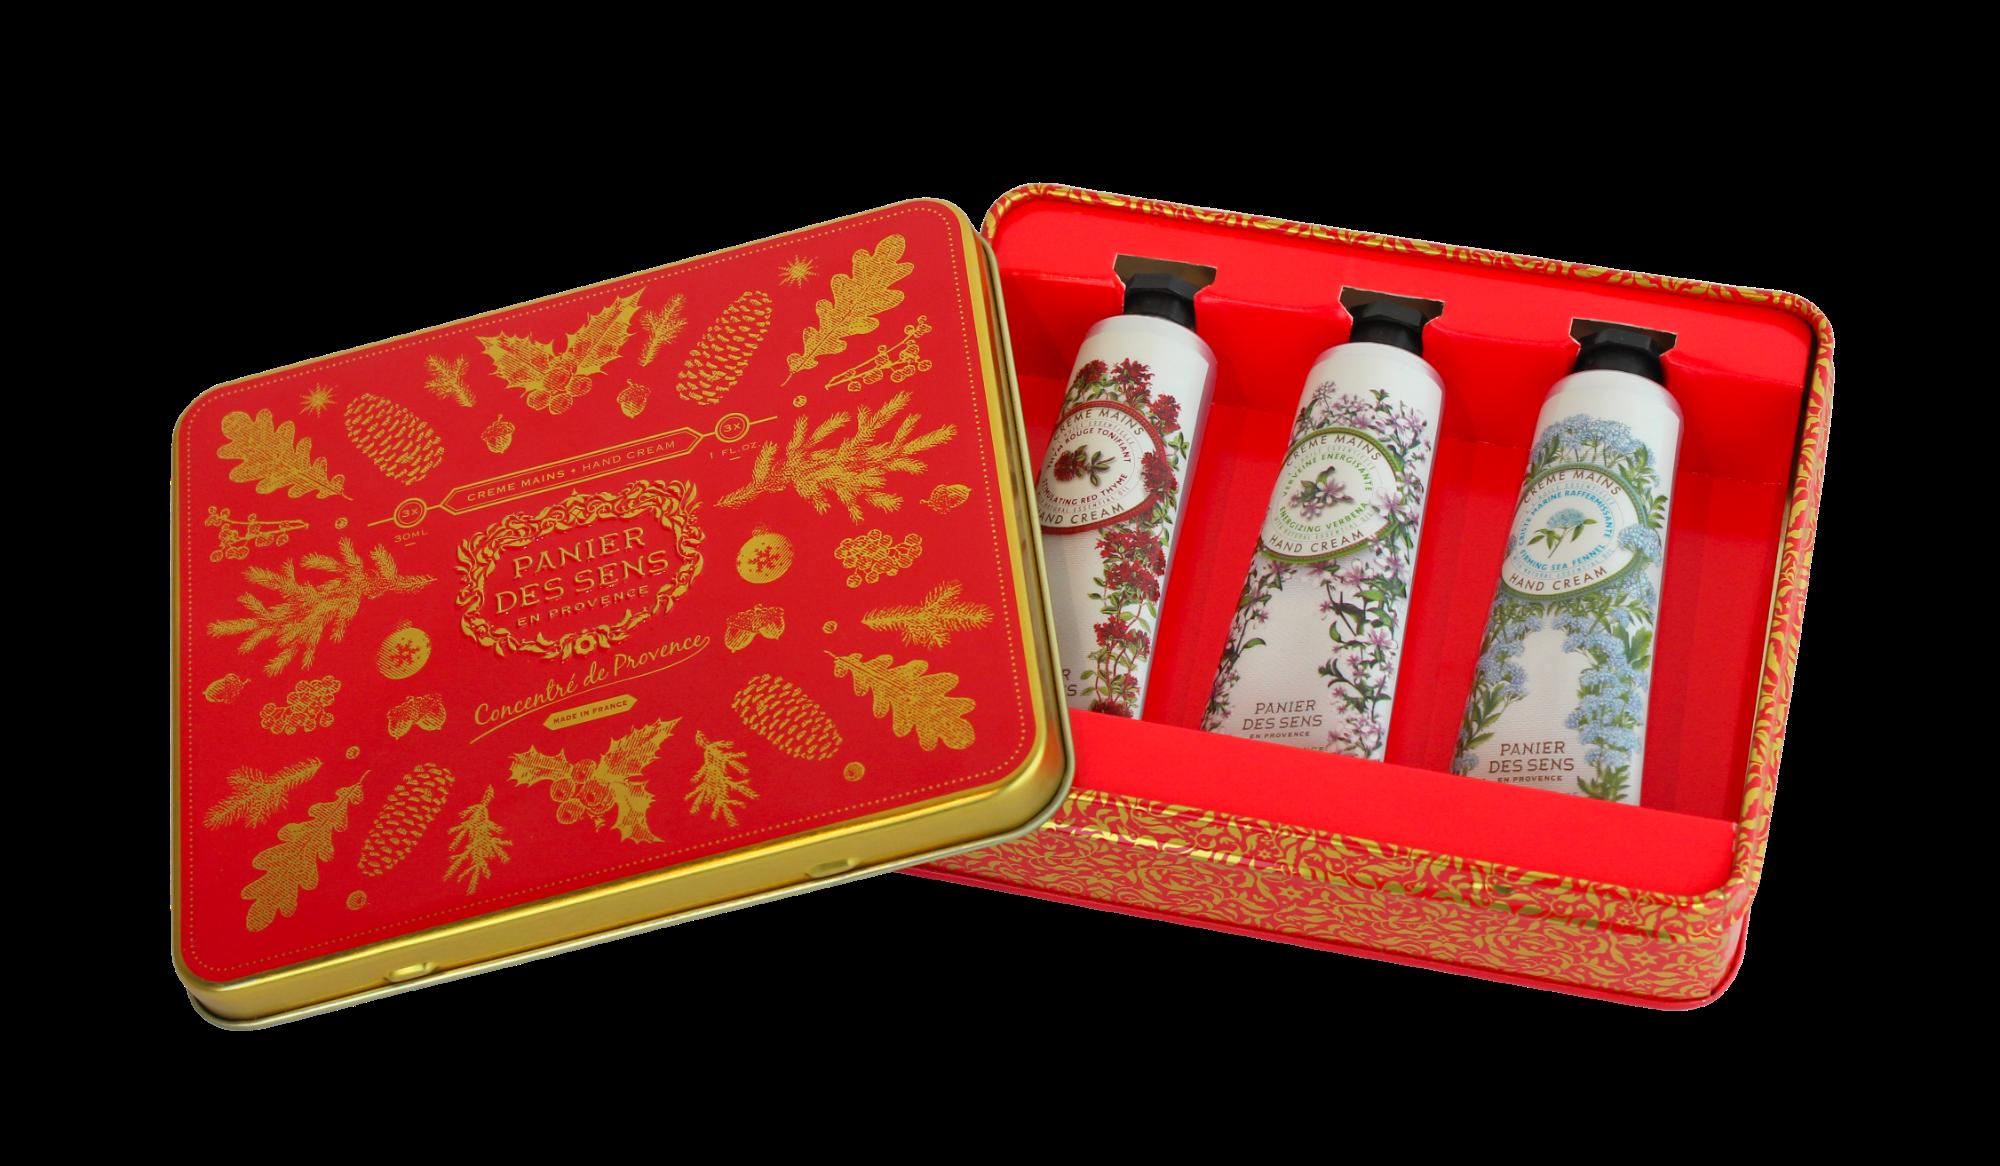 Kalėdinis rankų kremų rinkinys PANIER DES SENS su verbenomis, čiobreliais ir pajūriniais kritmais, 3×30 ml